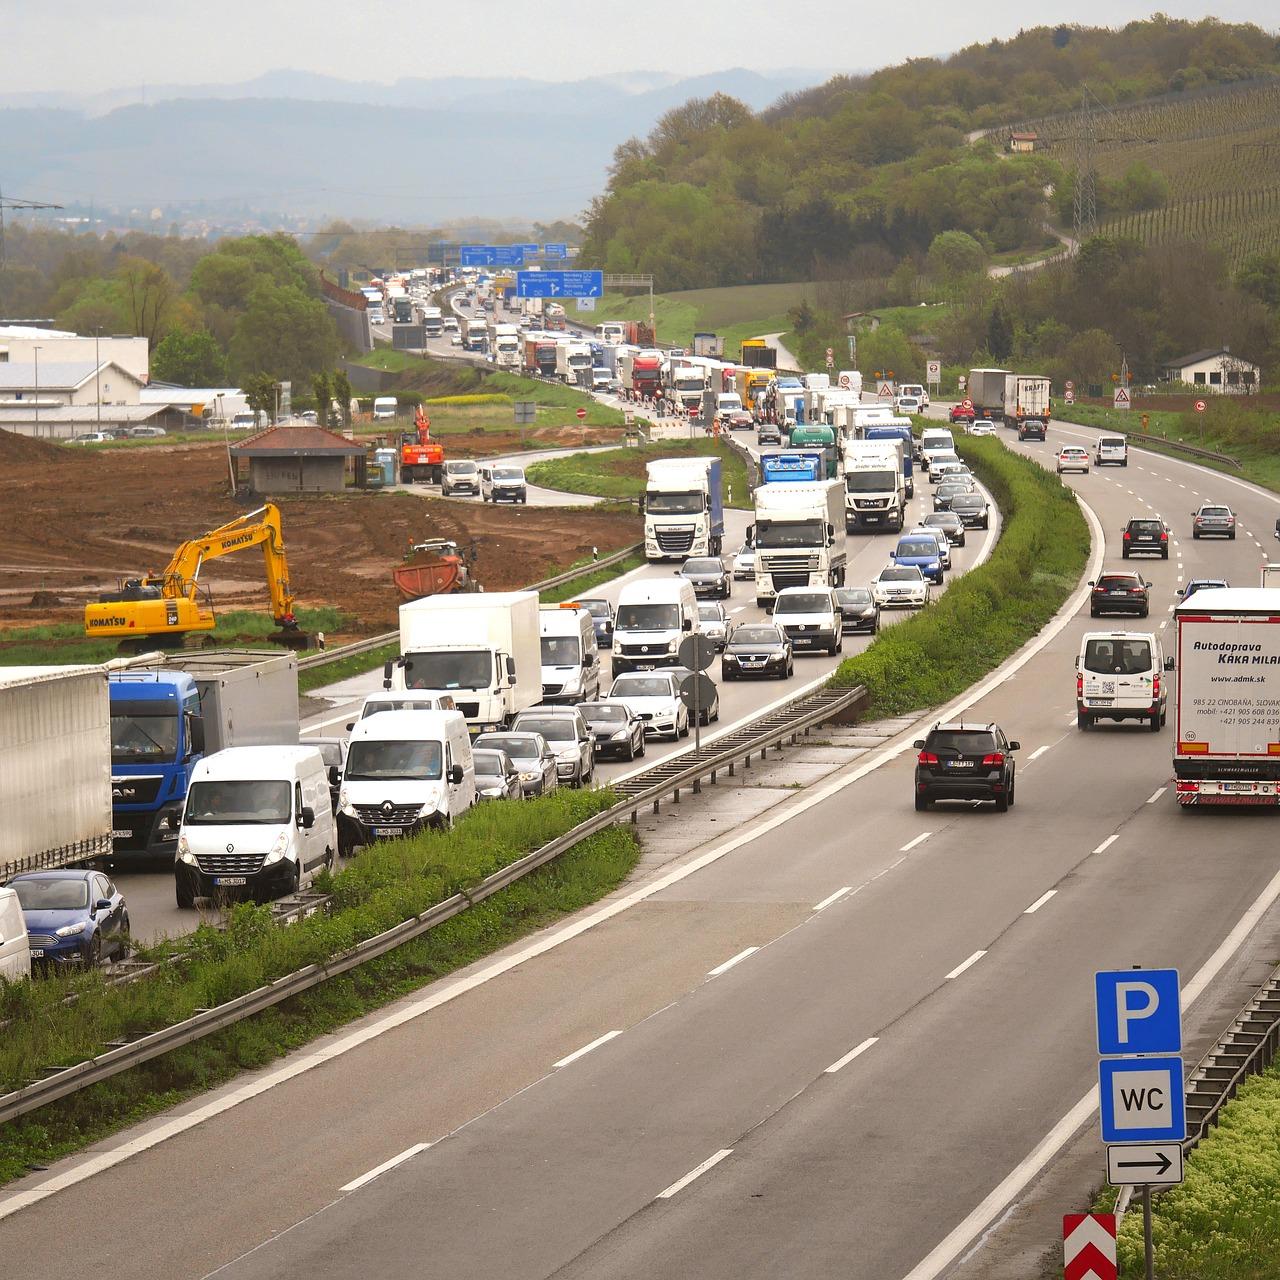 Ukraina įveda apribojimus sunkvežimiams. Priežastis yra milžiniško karščio banga